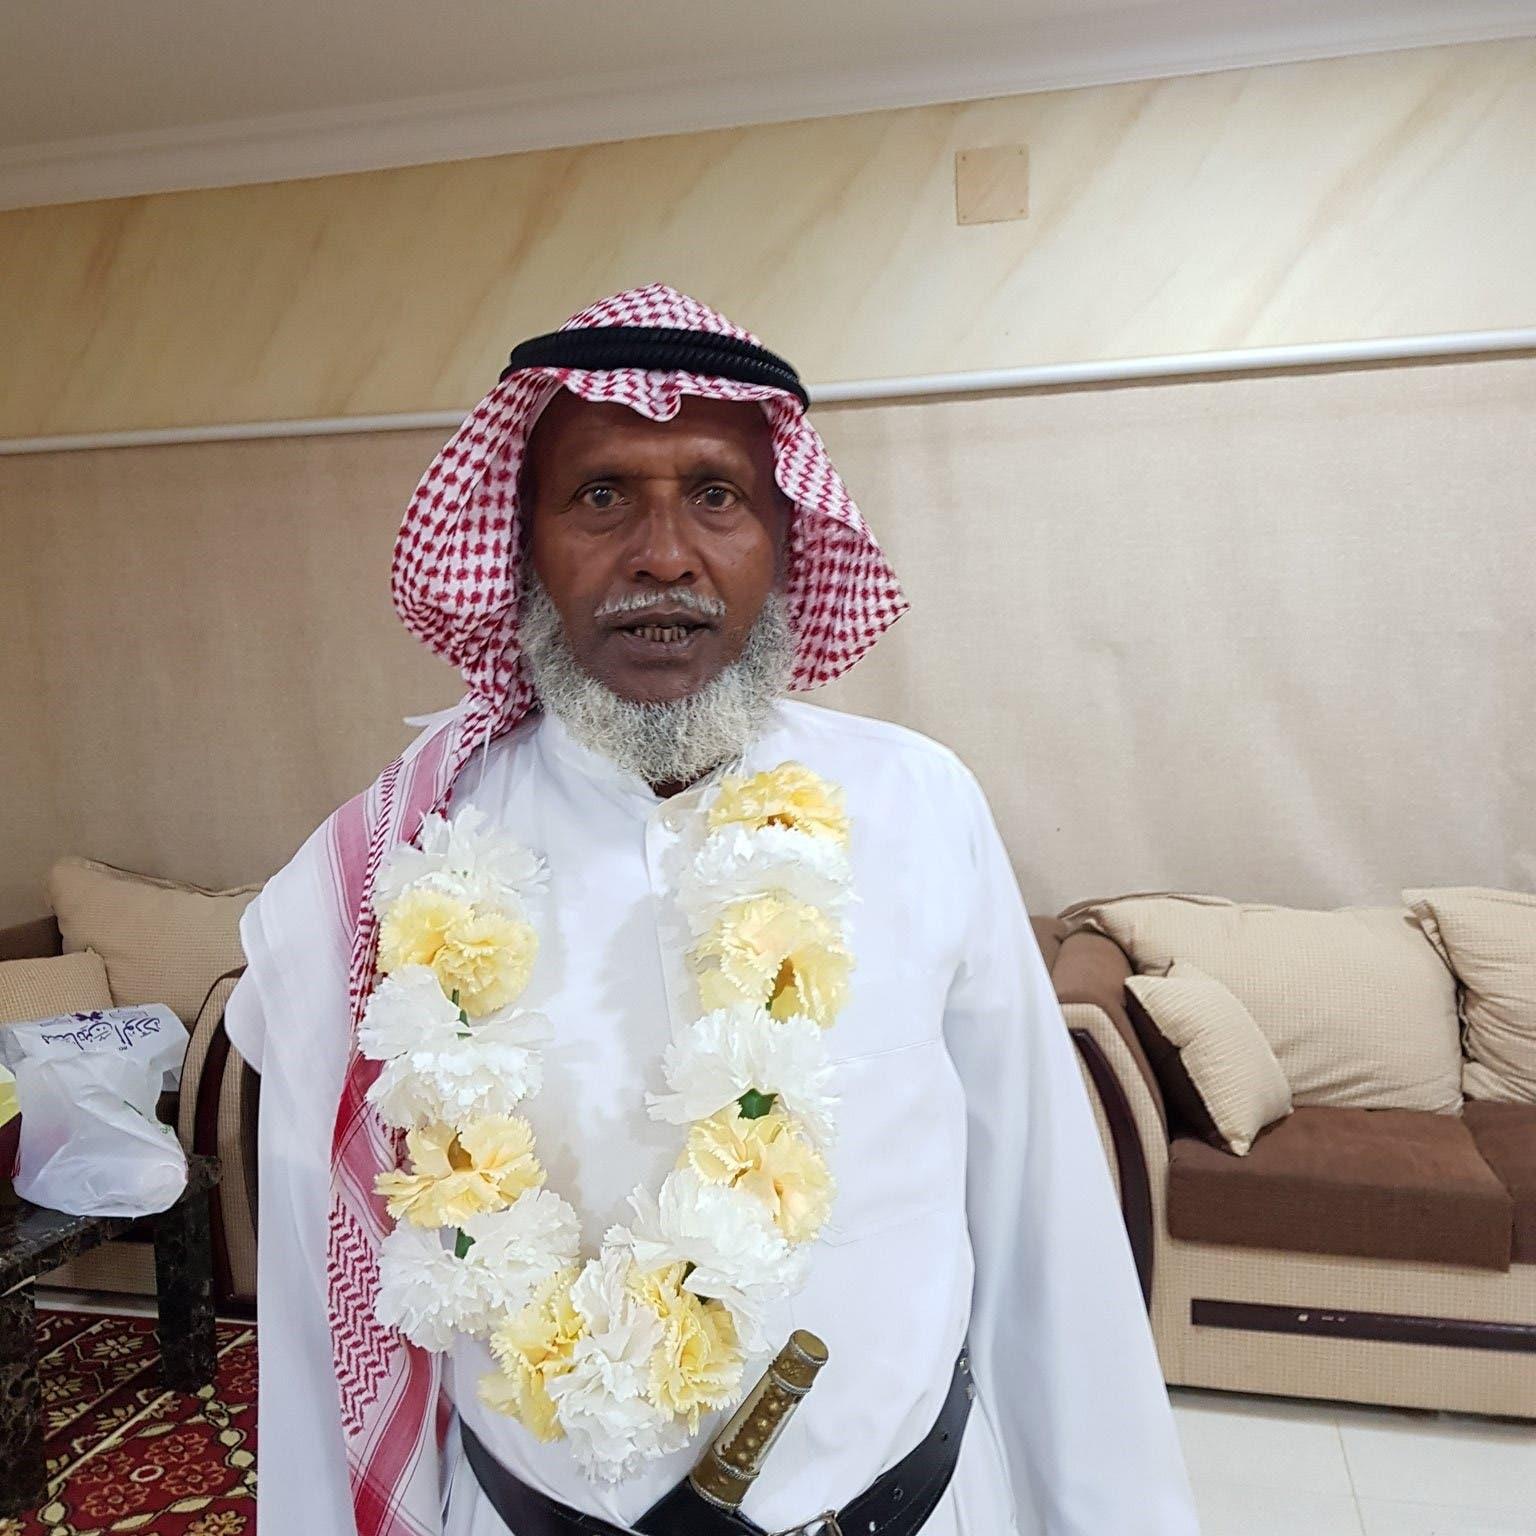 بنغلاديشي يرتدي الزي السعودي يوم تكريمه..والسبب!